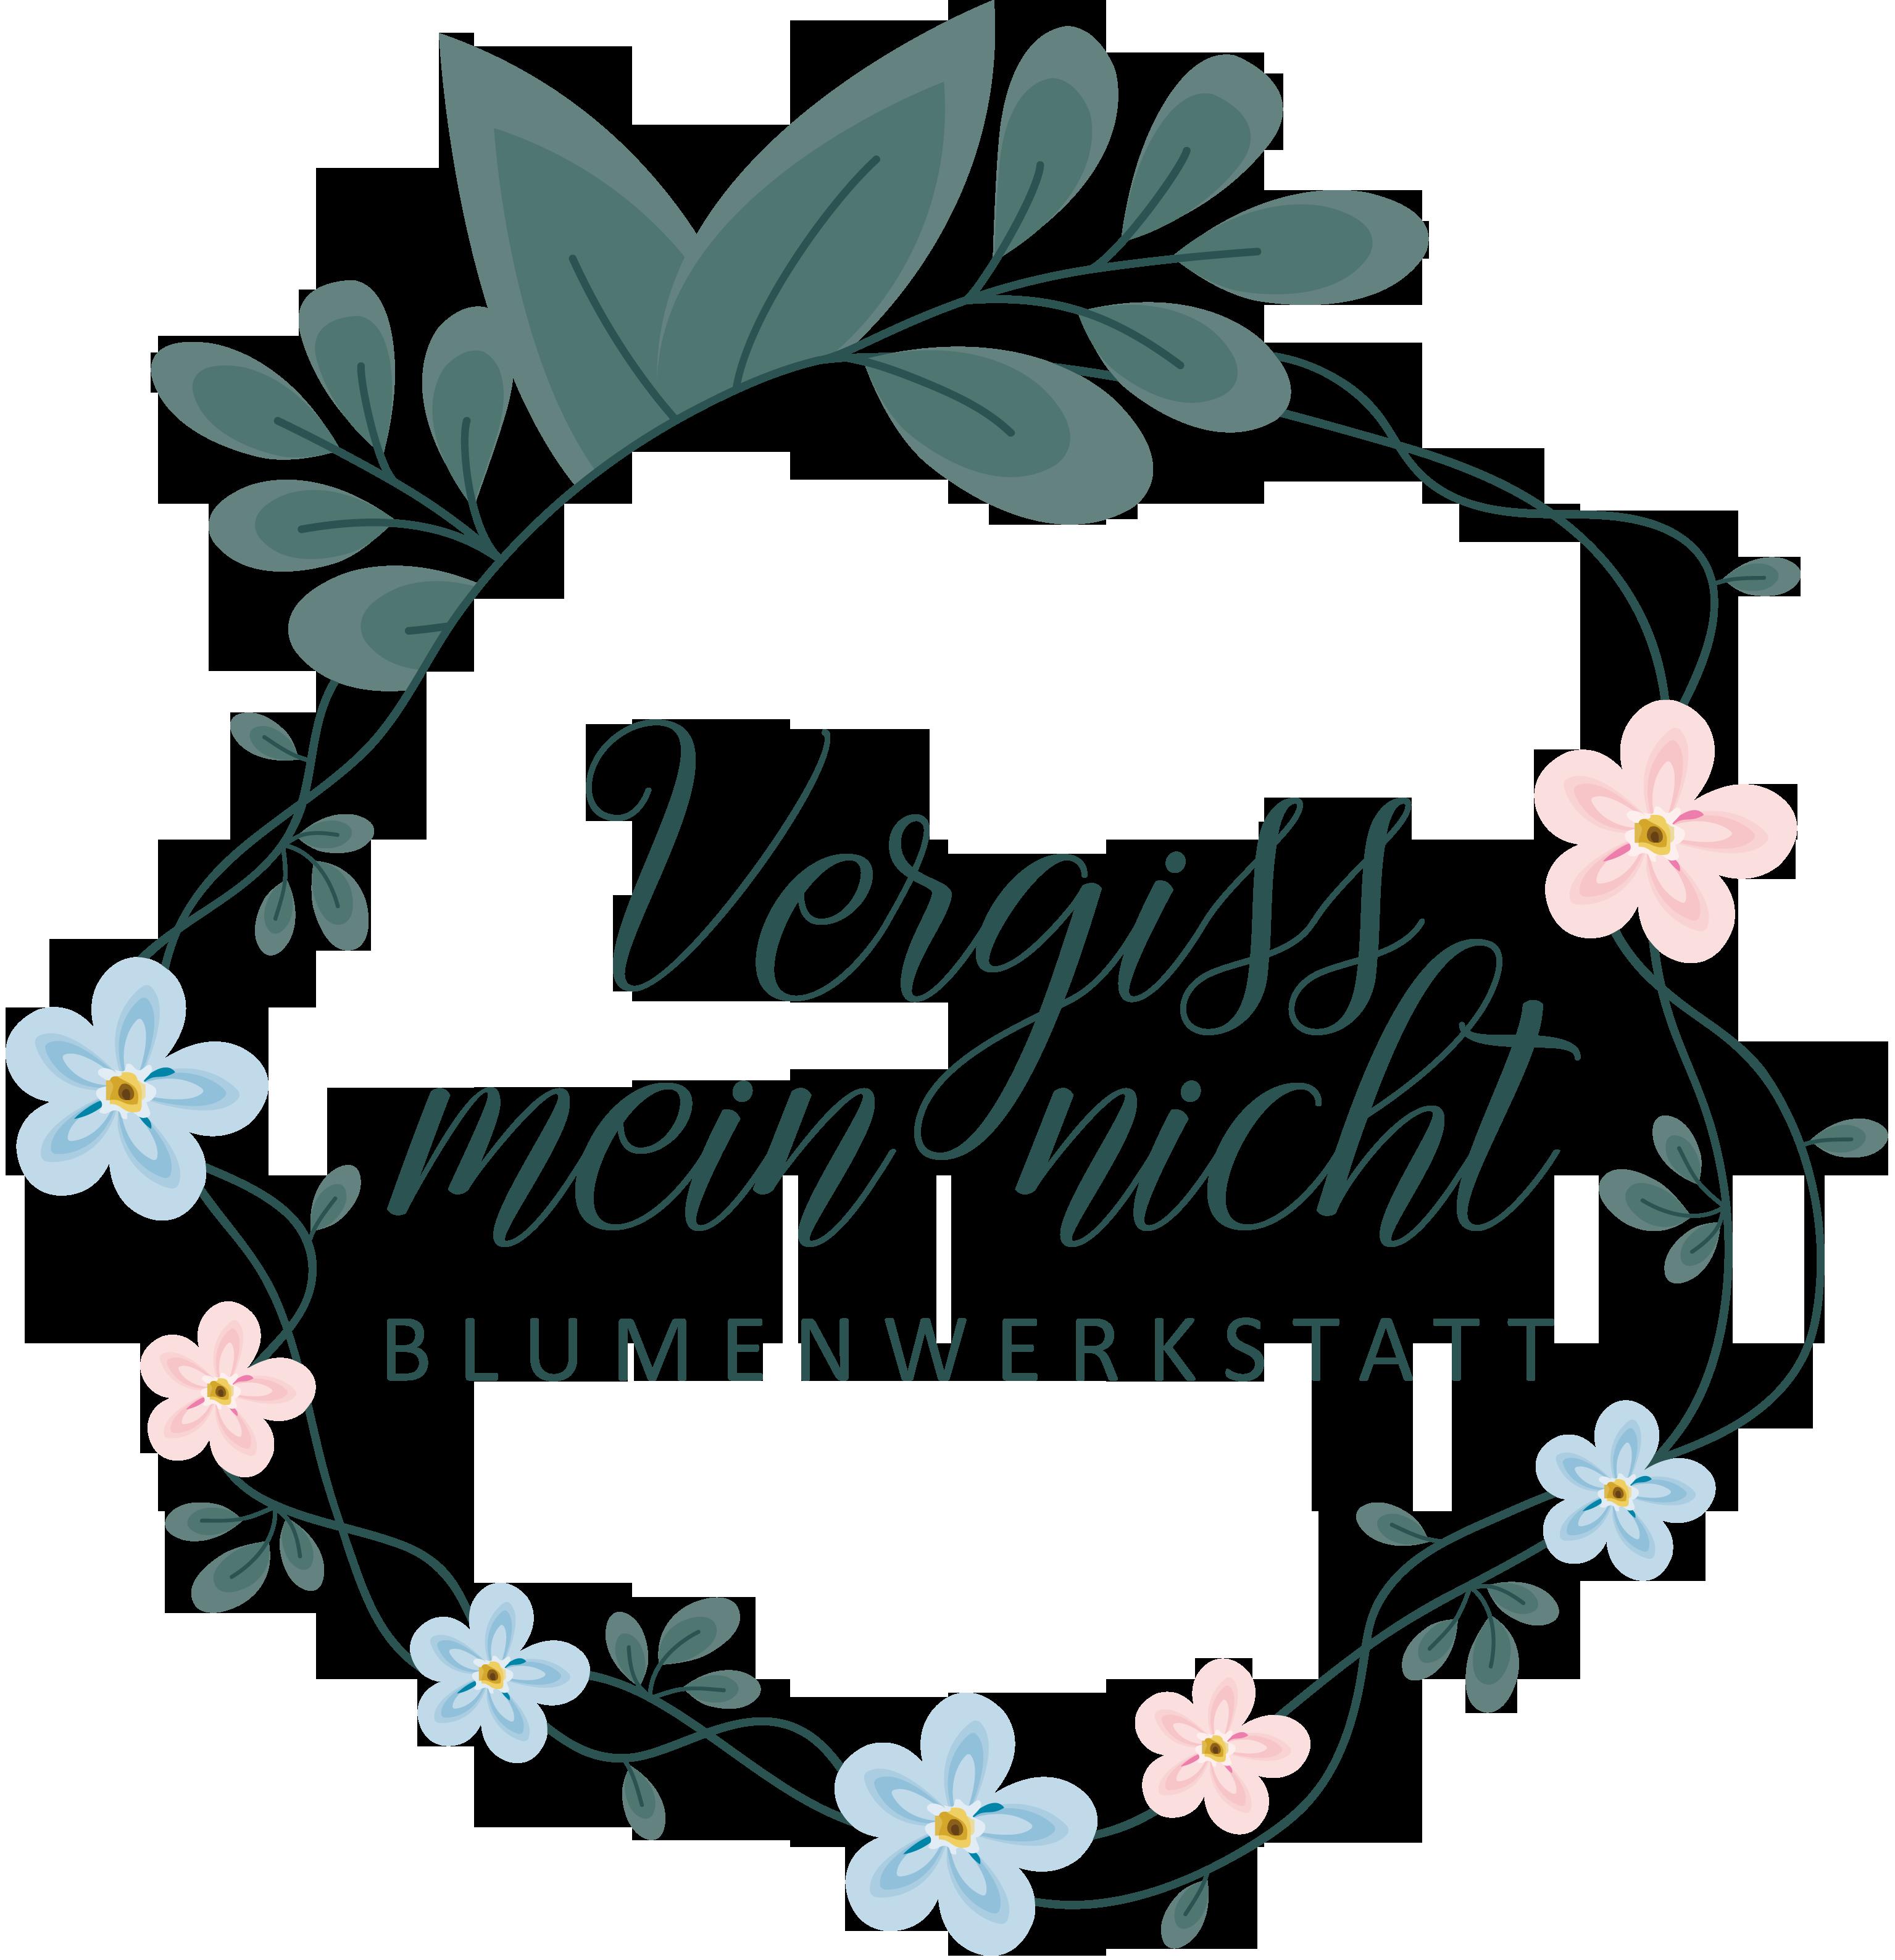 Vergissmeinnicht Blumenwerkstatt